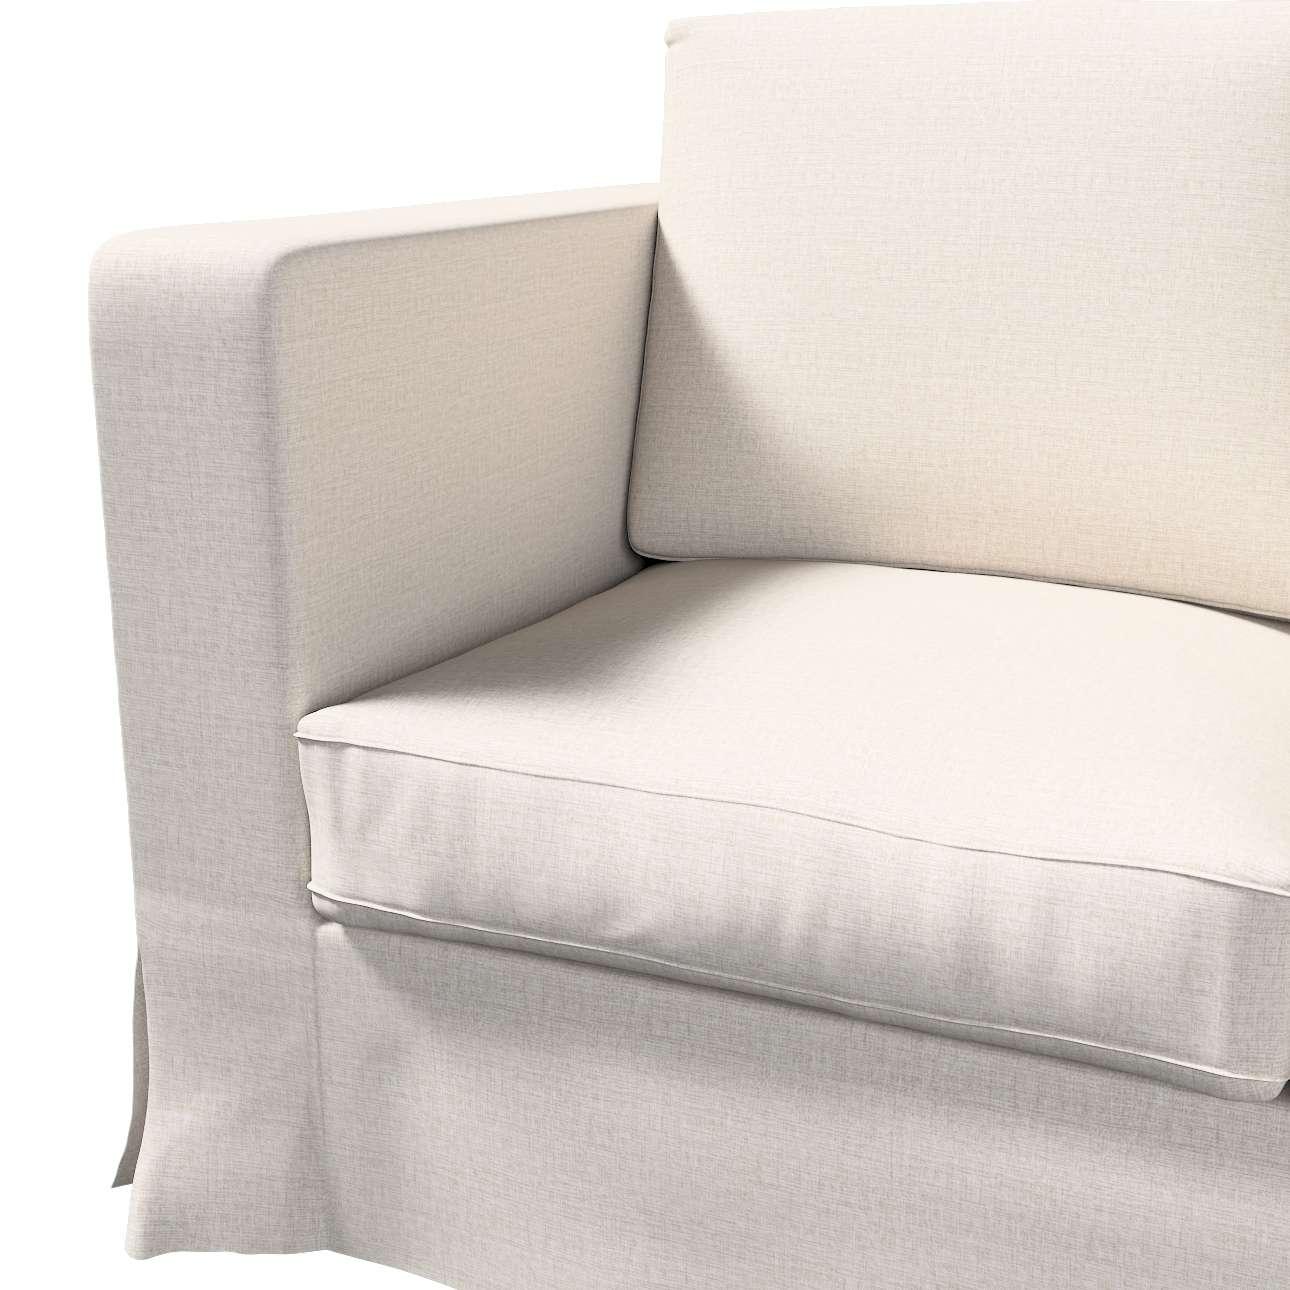 Bezug für Karlanda 3-Sitzer Sofa nicht ausklappbar, lang von der Kollektion Living II, Stoff: 161-00